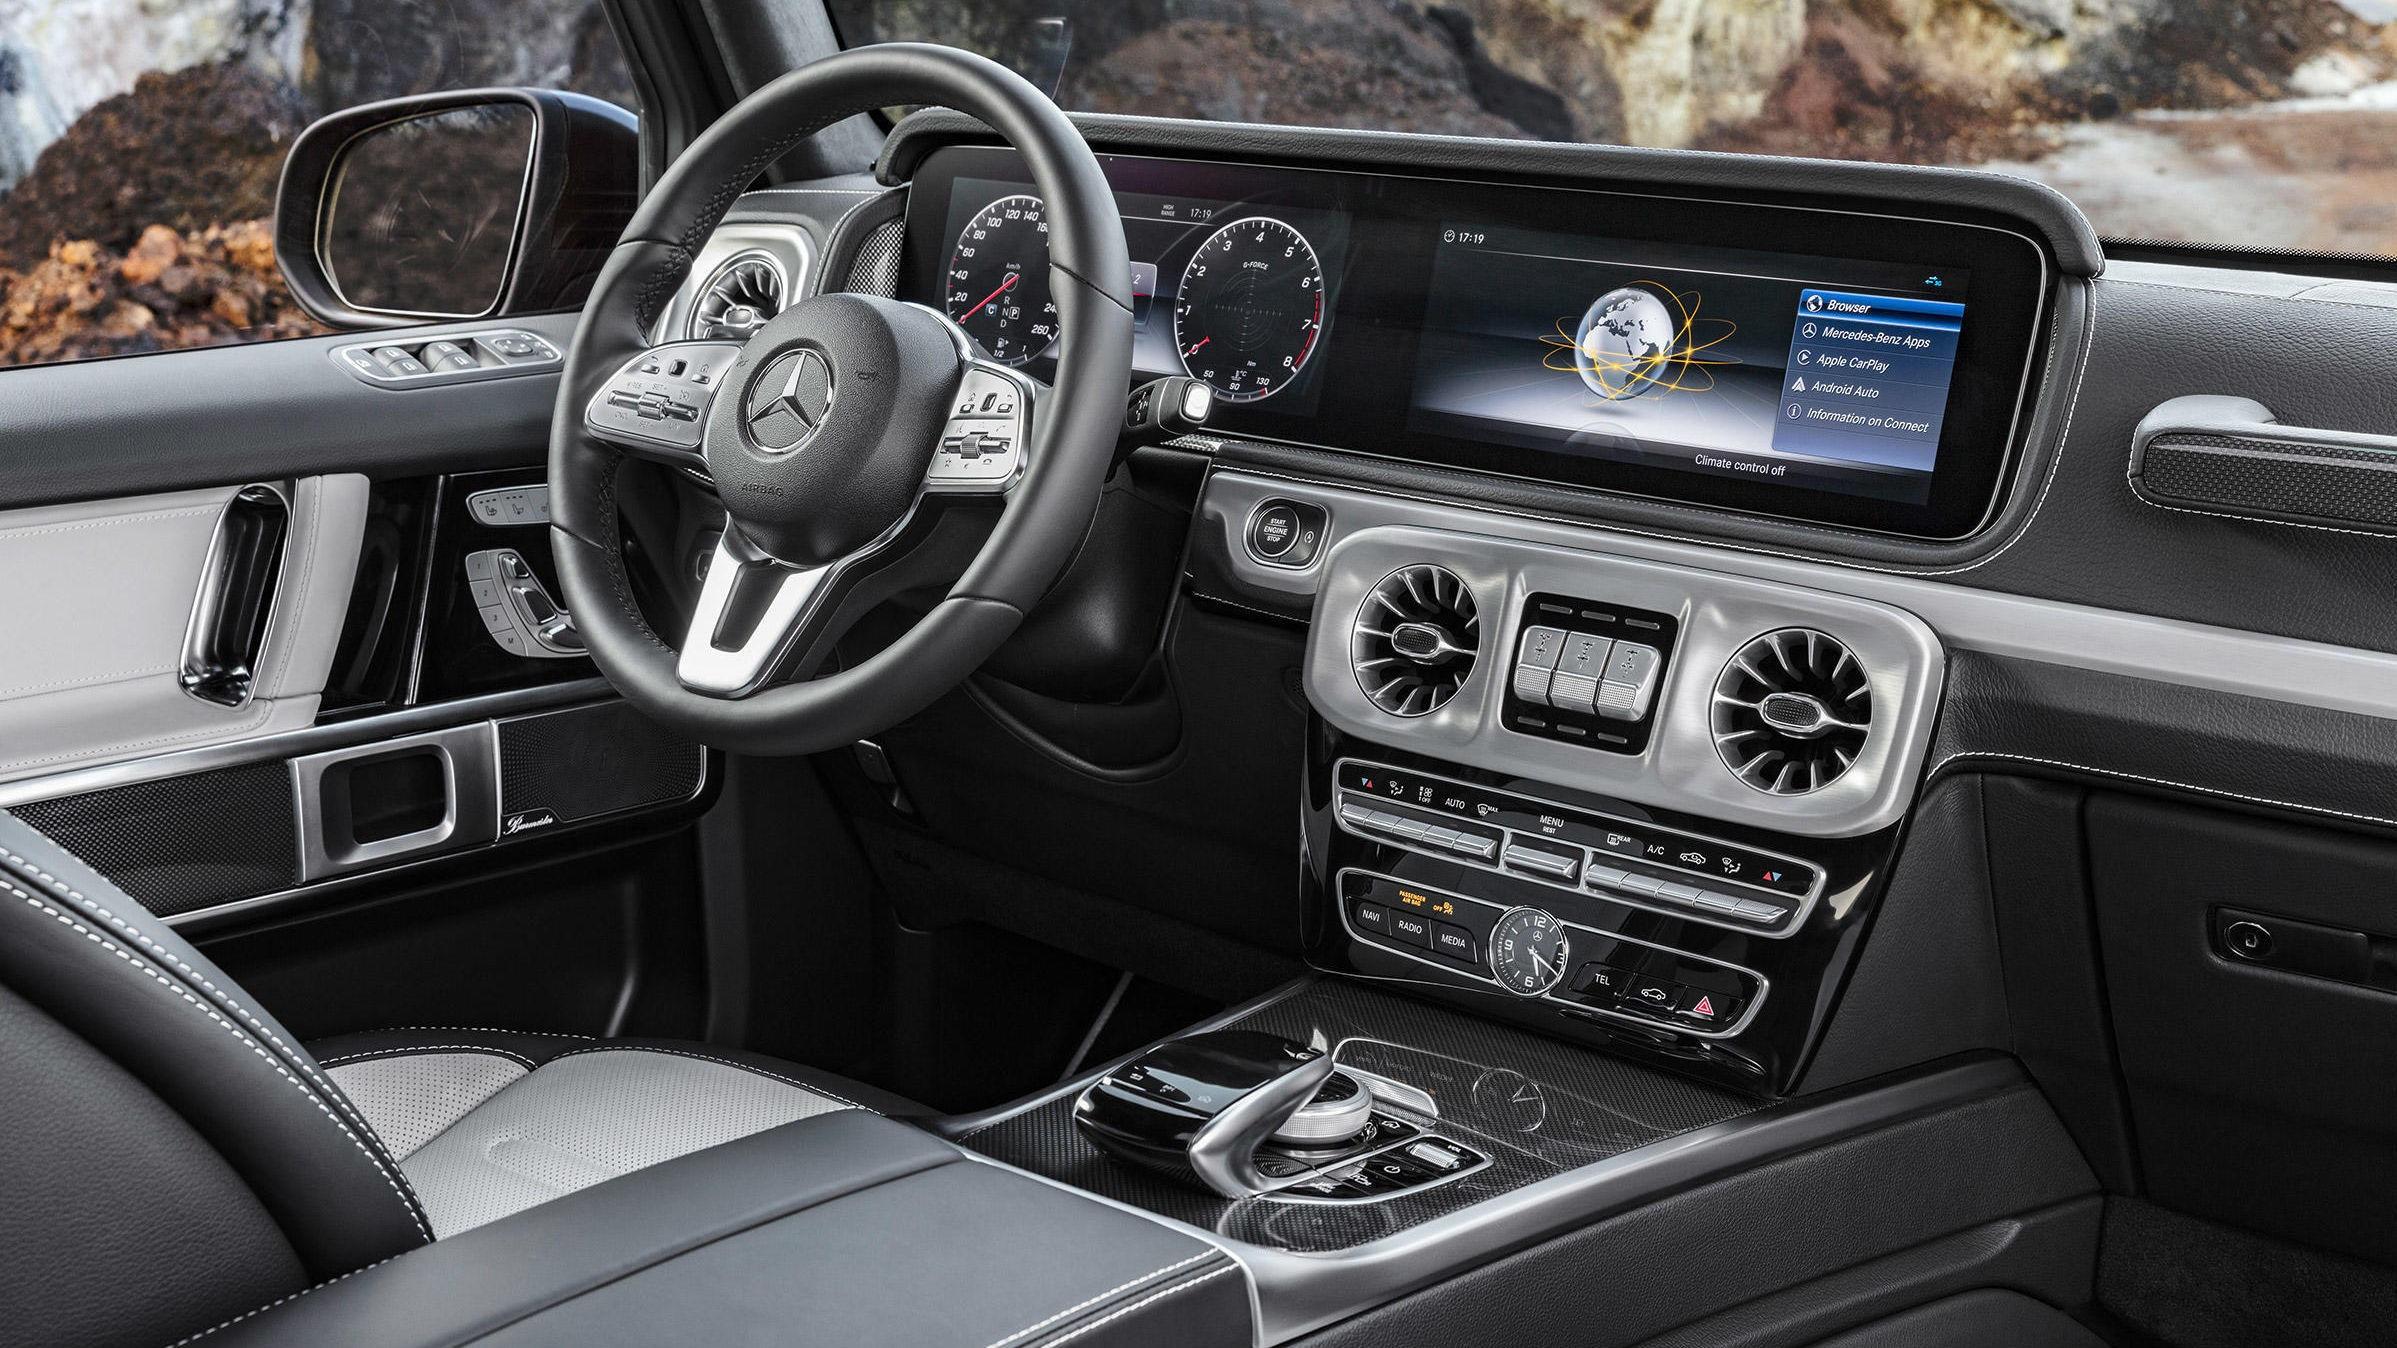 Slik ser det ut inne i helt nye Mercedes G-klasse. Den skal debutere rett over nyttår.